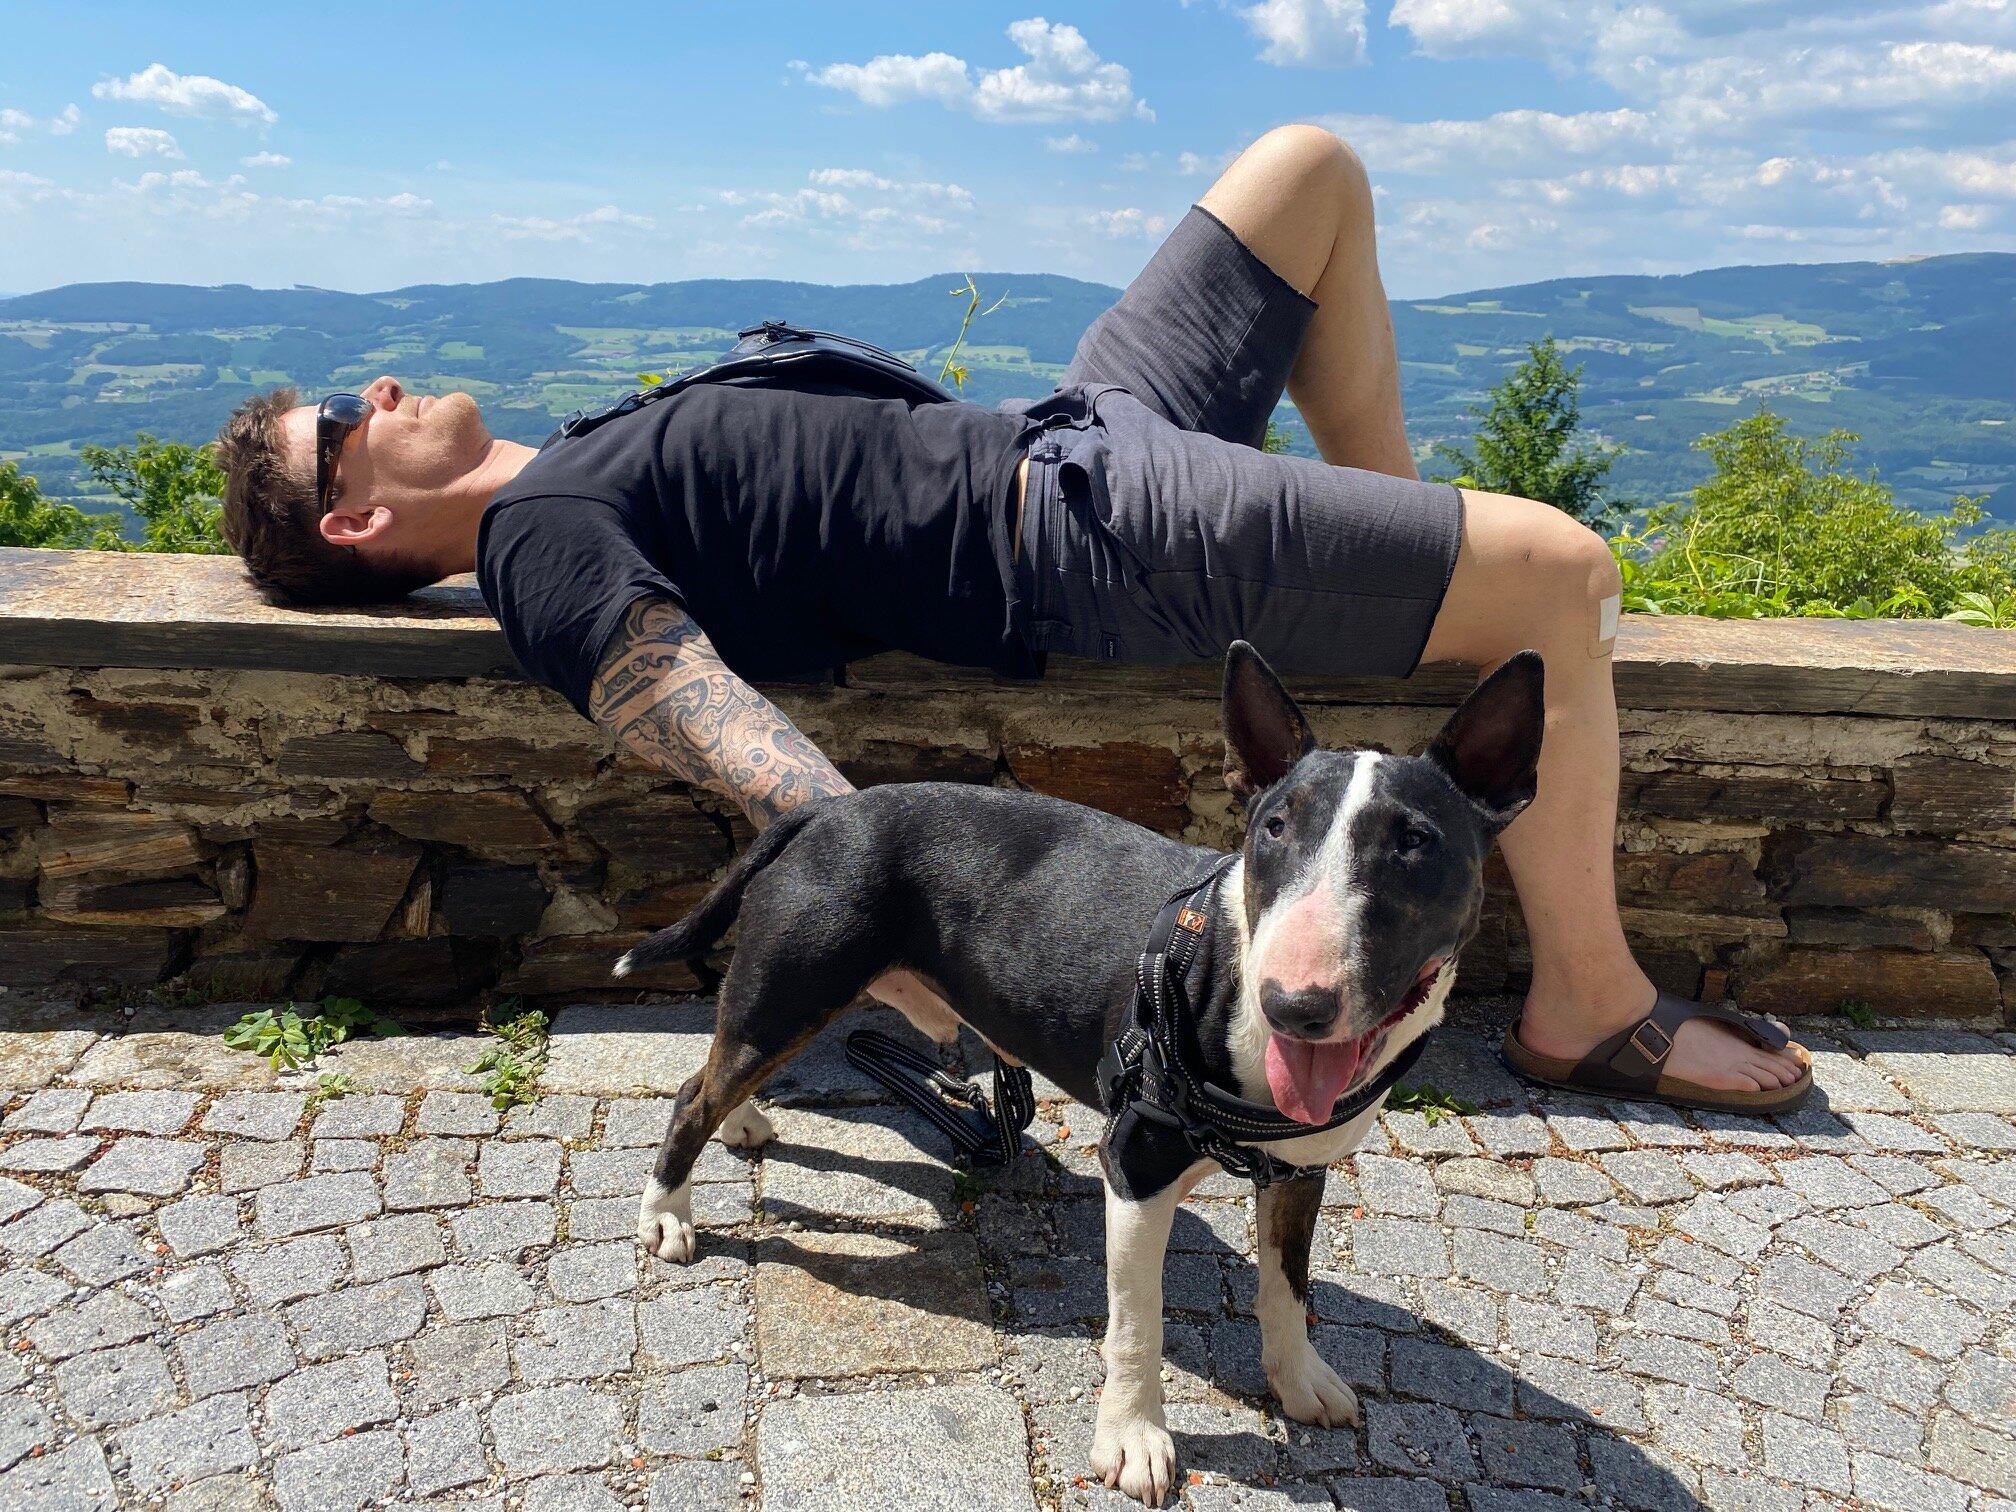 Soziale Anziehung & Erfolg - Was du von einem Hund lernen kannst